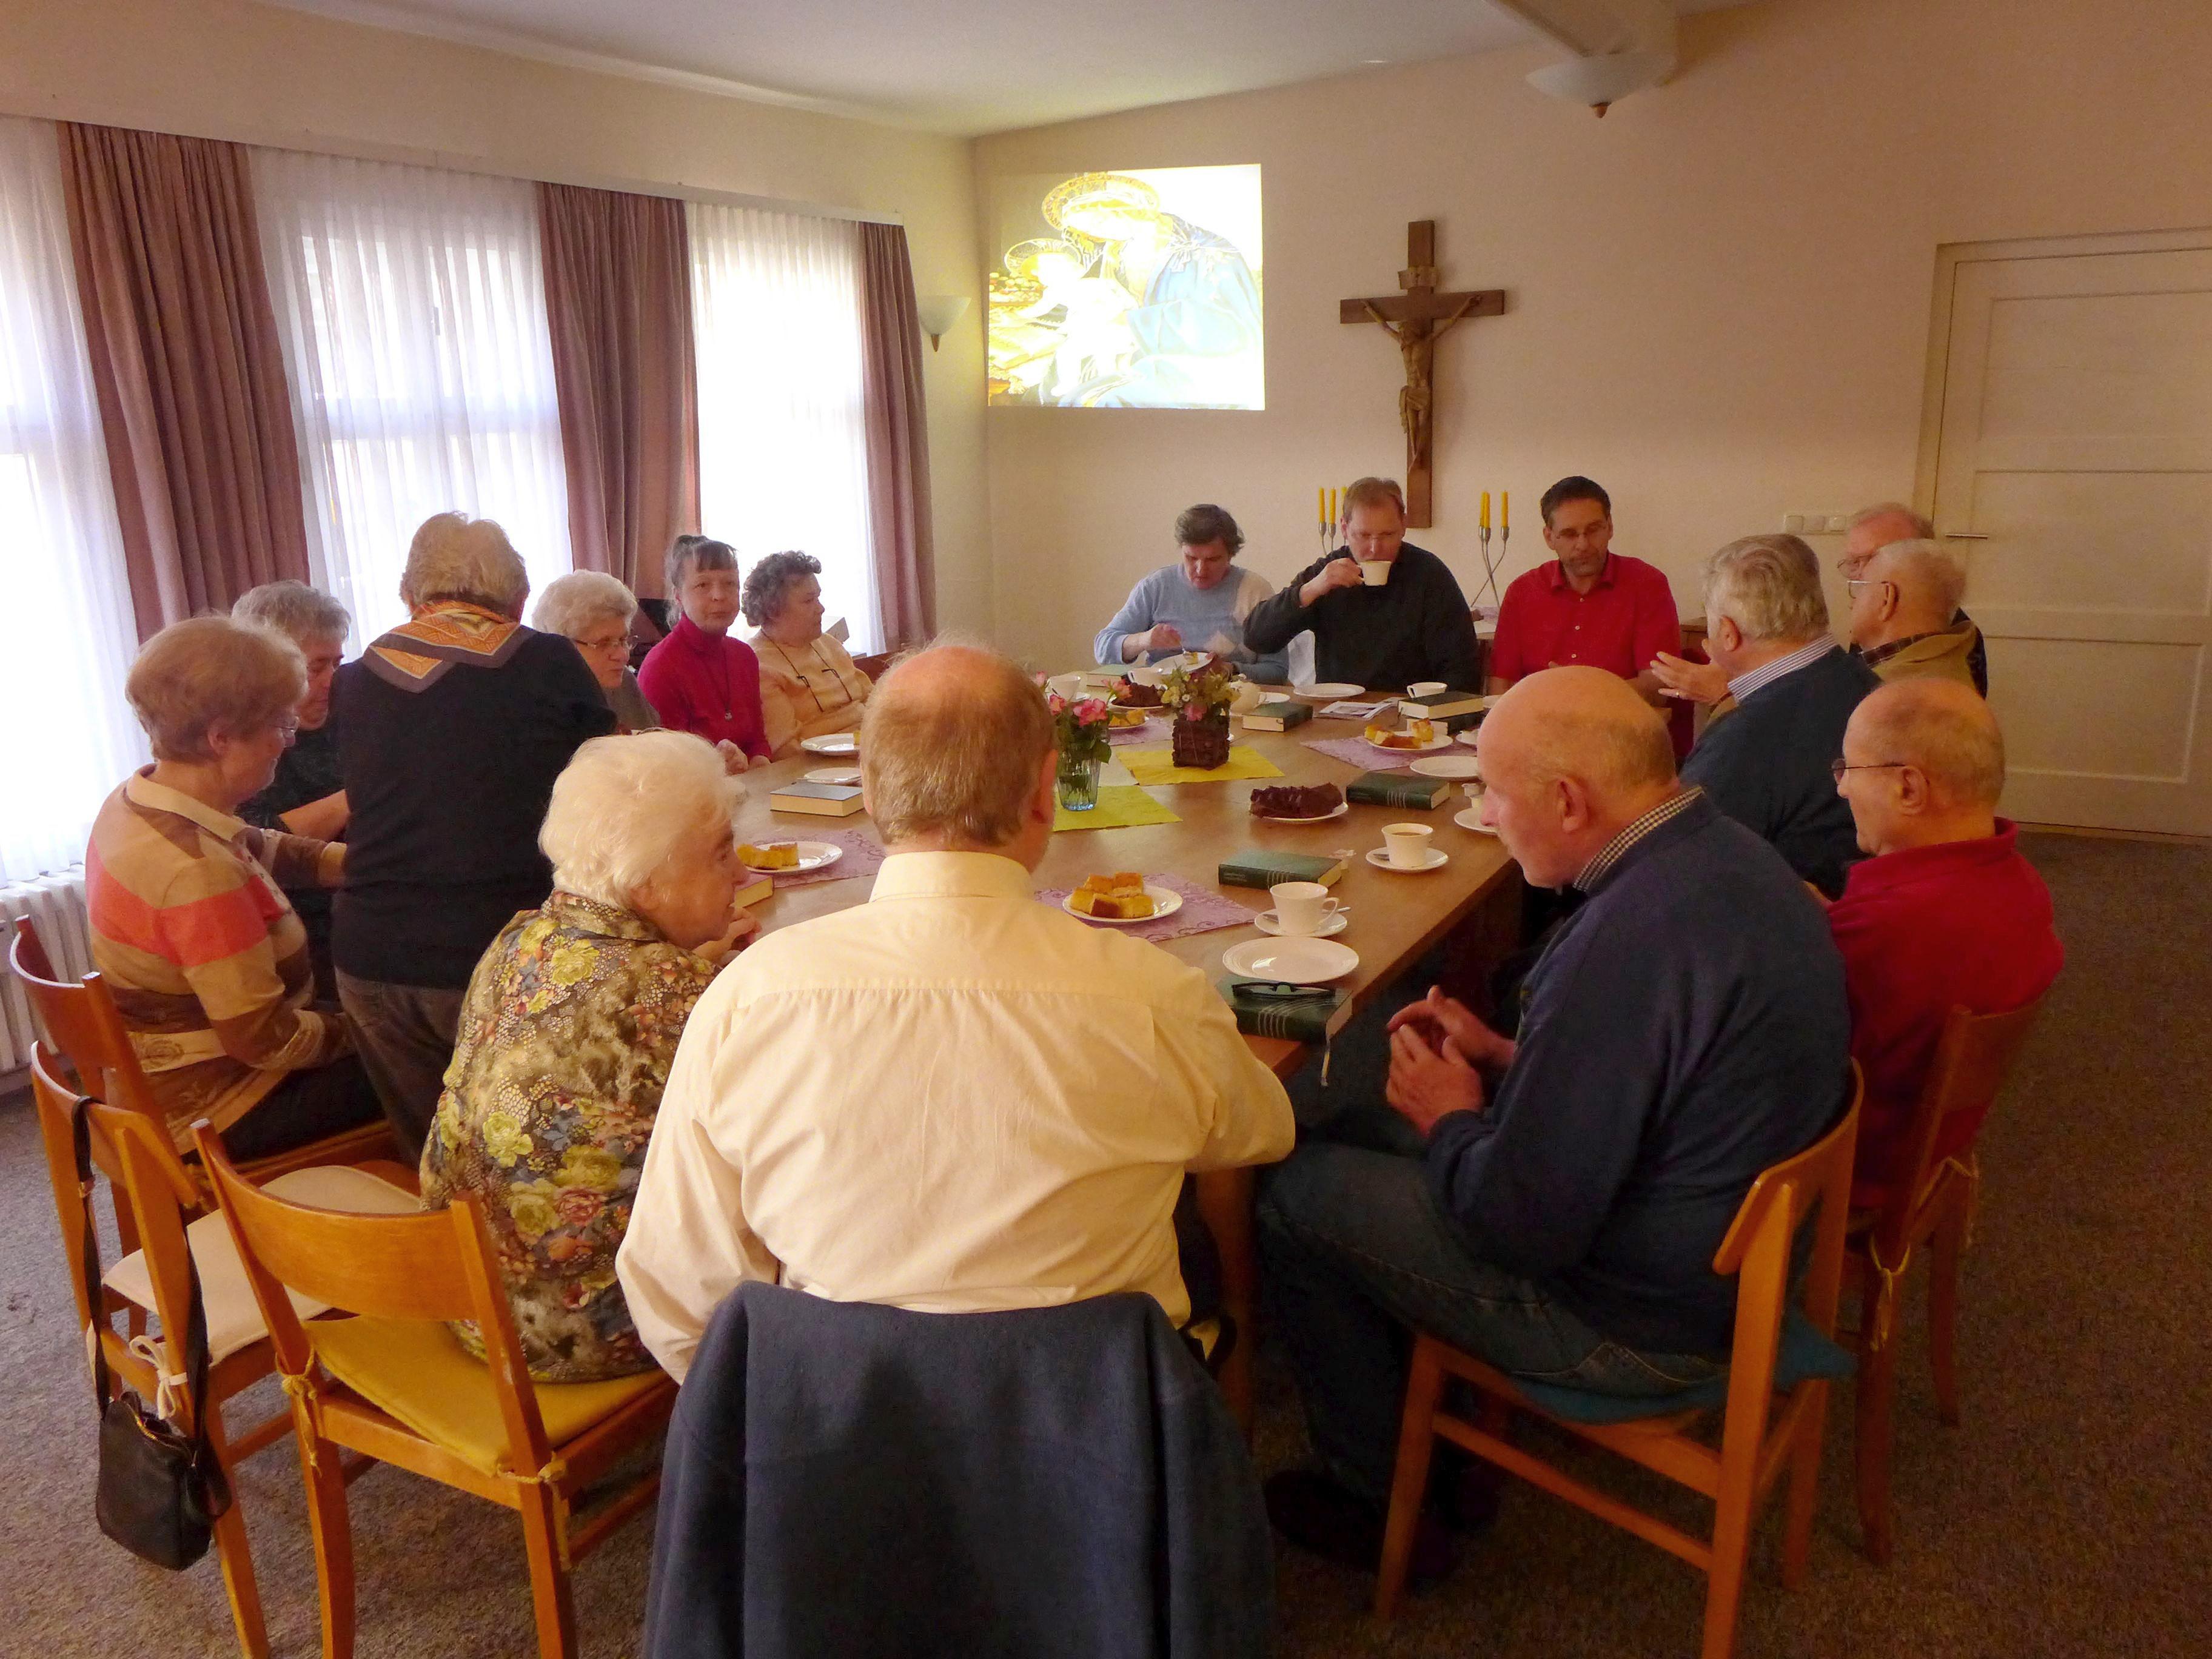 Pfarrer Stegemann beim Gemeindenachmittag